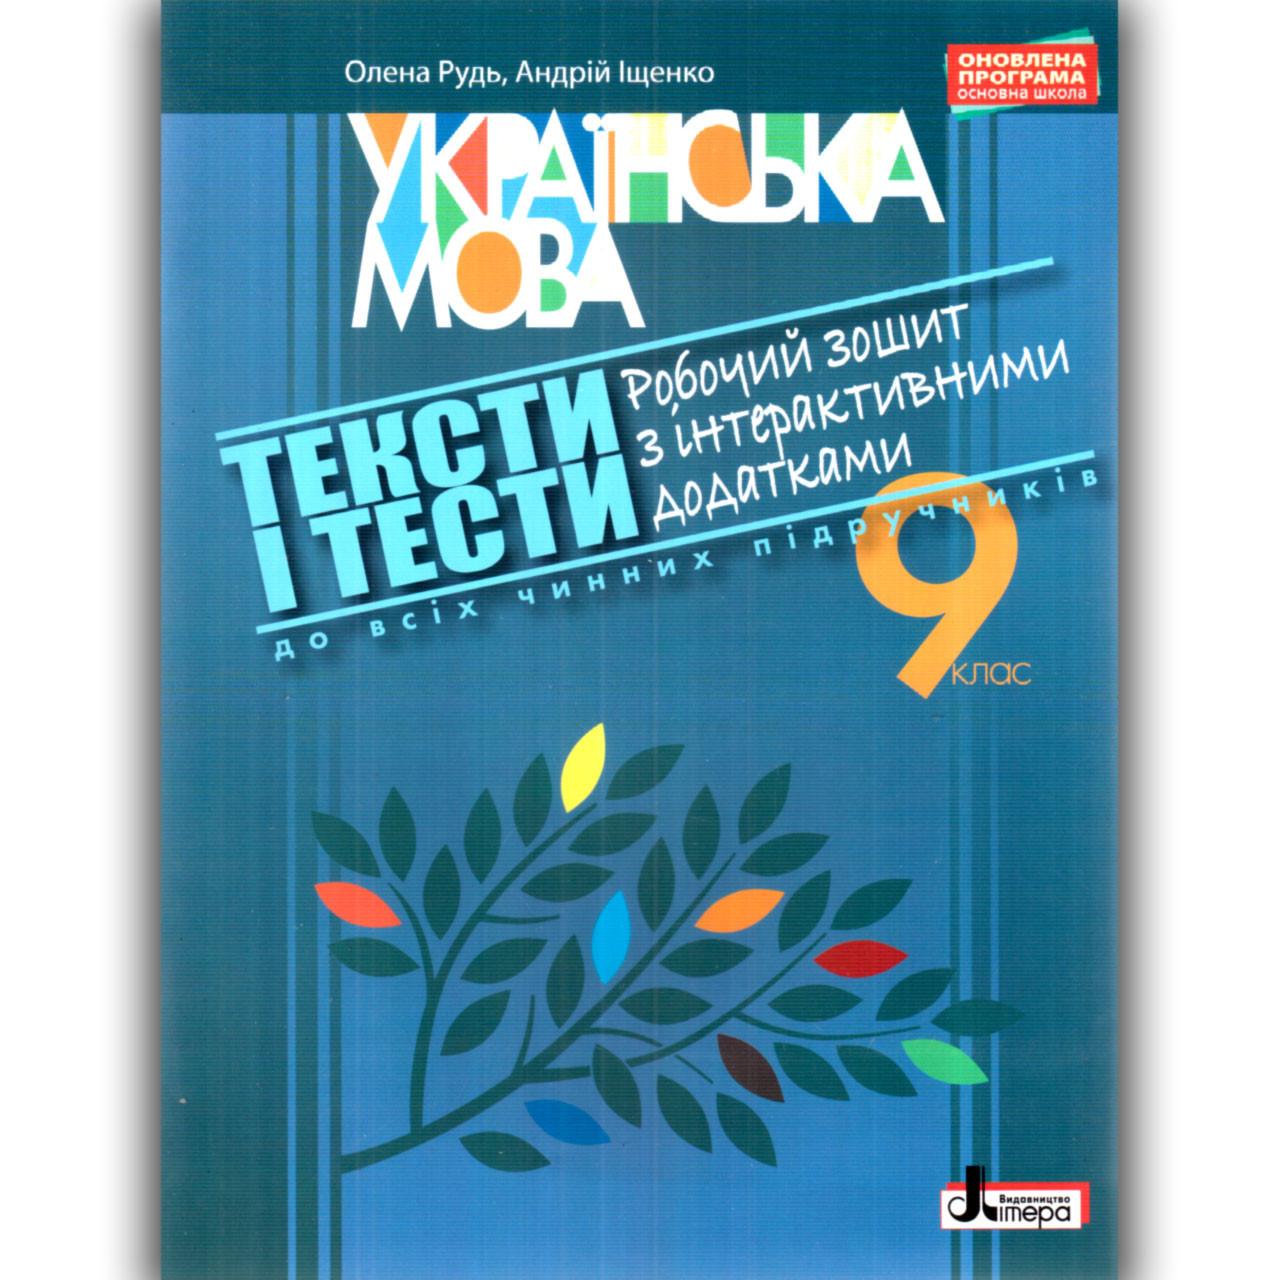 Робочий зошит Українська мова з інтерактивними додатками 9 клас Авт: Рудь О. Іщенко А. Вид: Літера